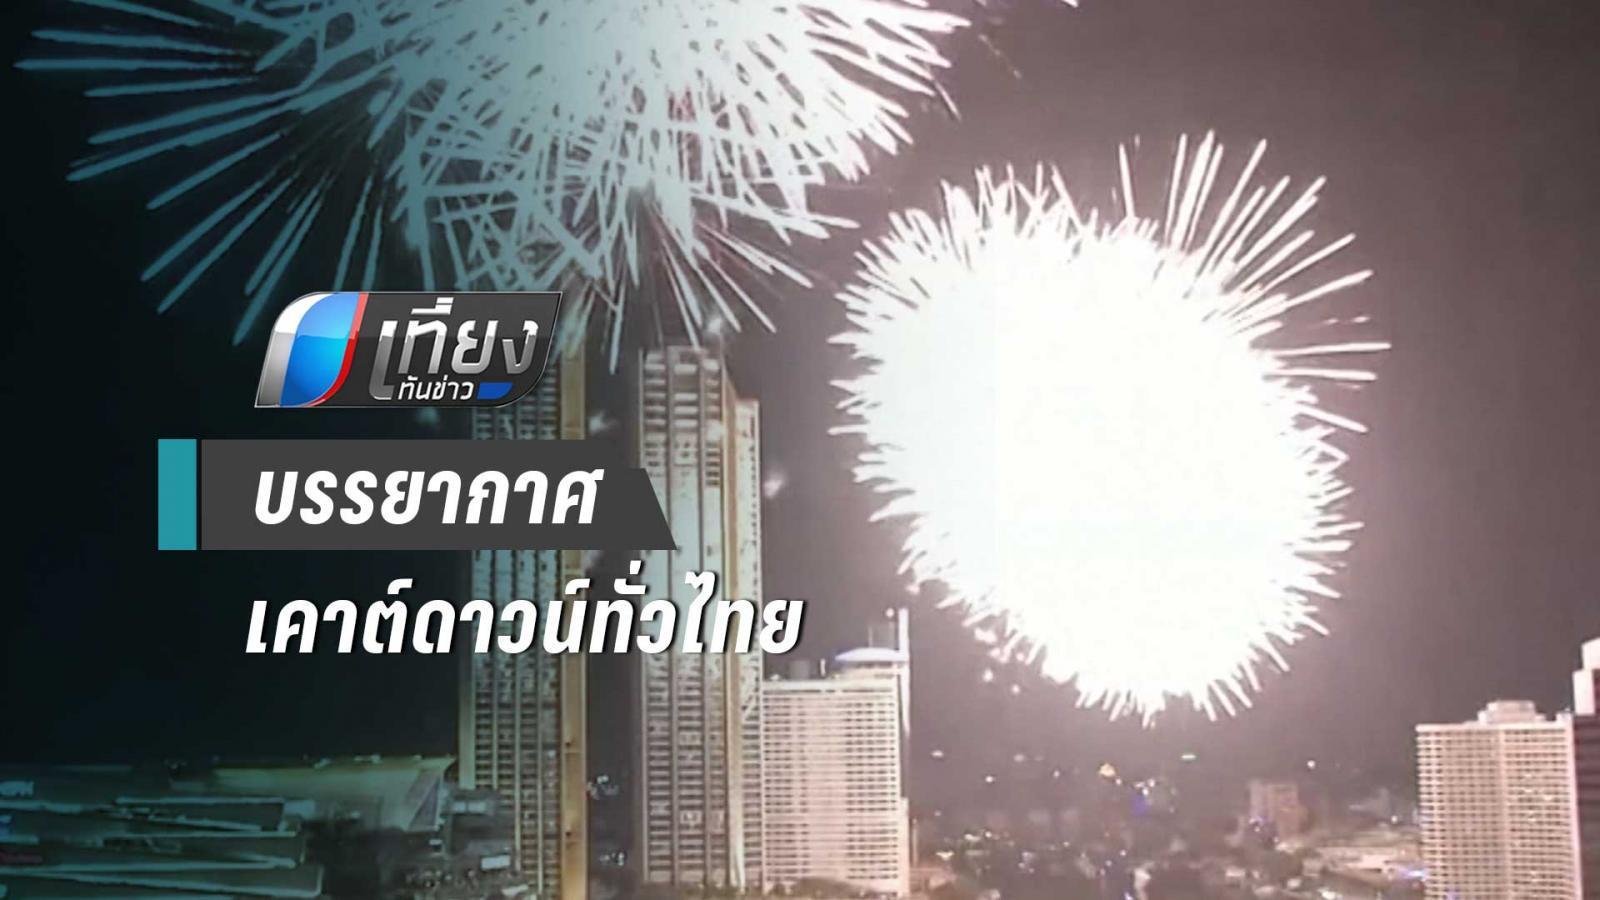 รวมบรรยากาศเคาต์ดาวน์ทั่วไทย